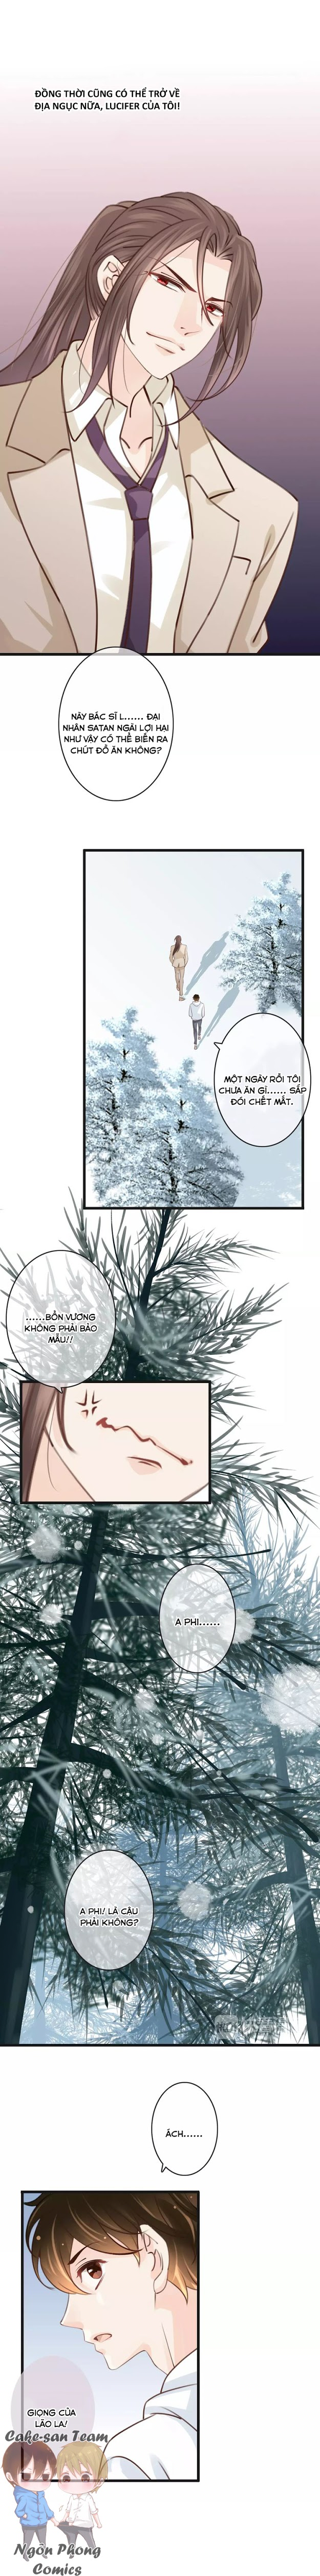 Thiên Thần Không Có Tiết Tháo chap 28 - Trang 3